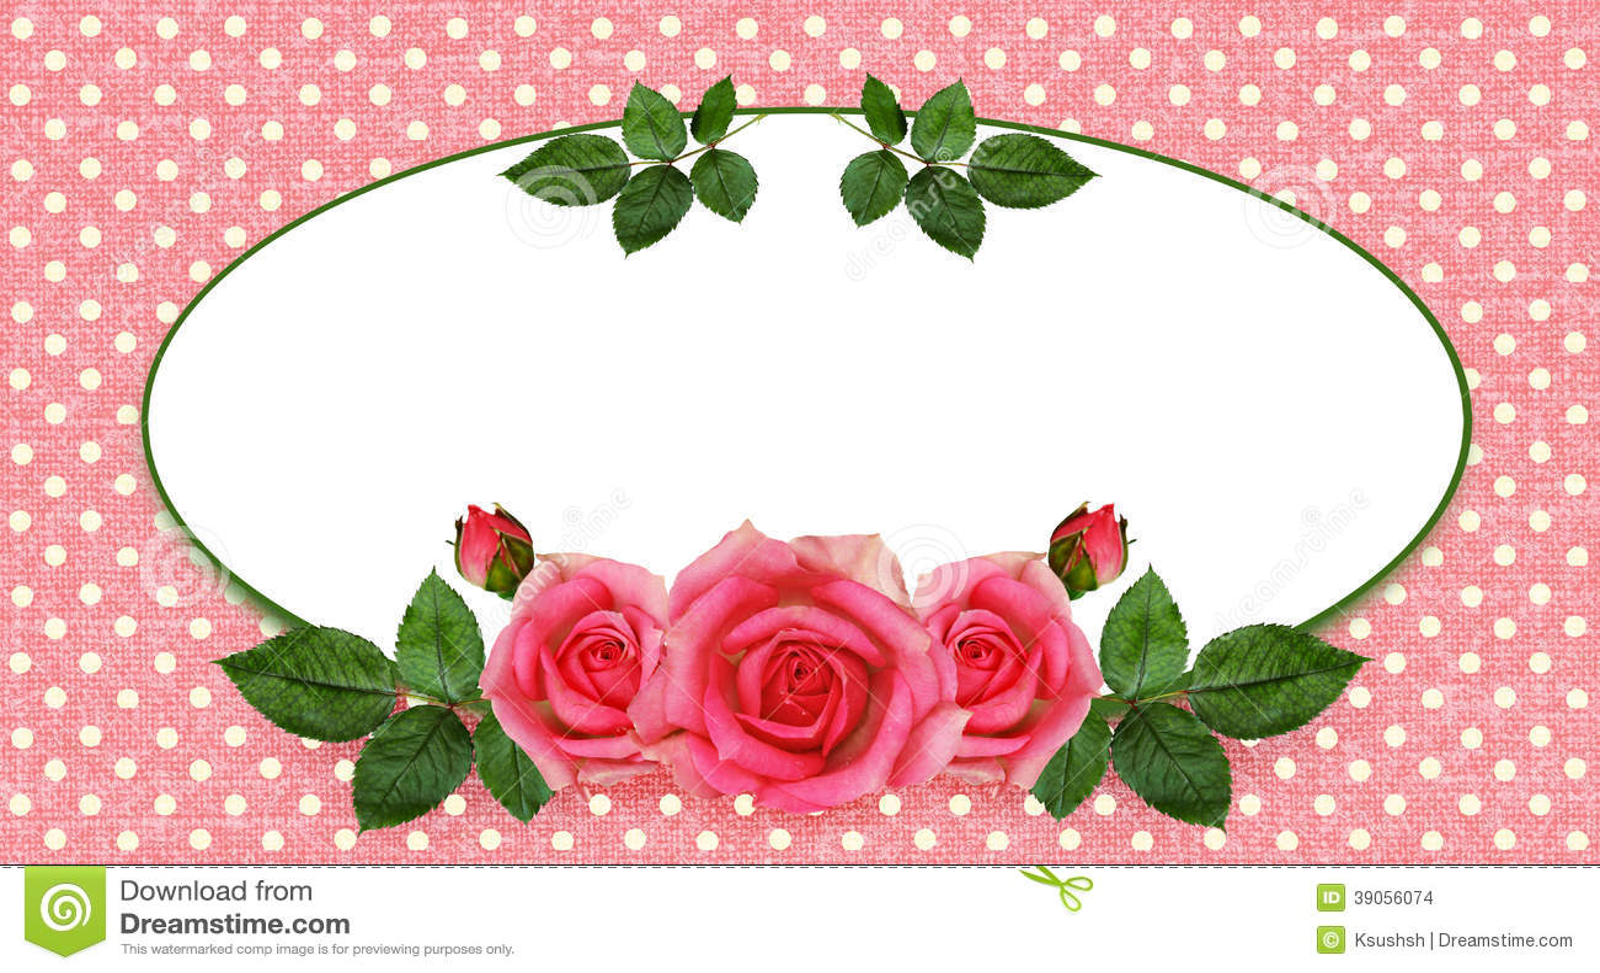 Rosen-Blumenanordnung und -rahmen